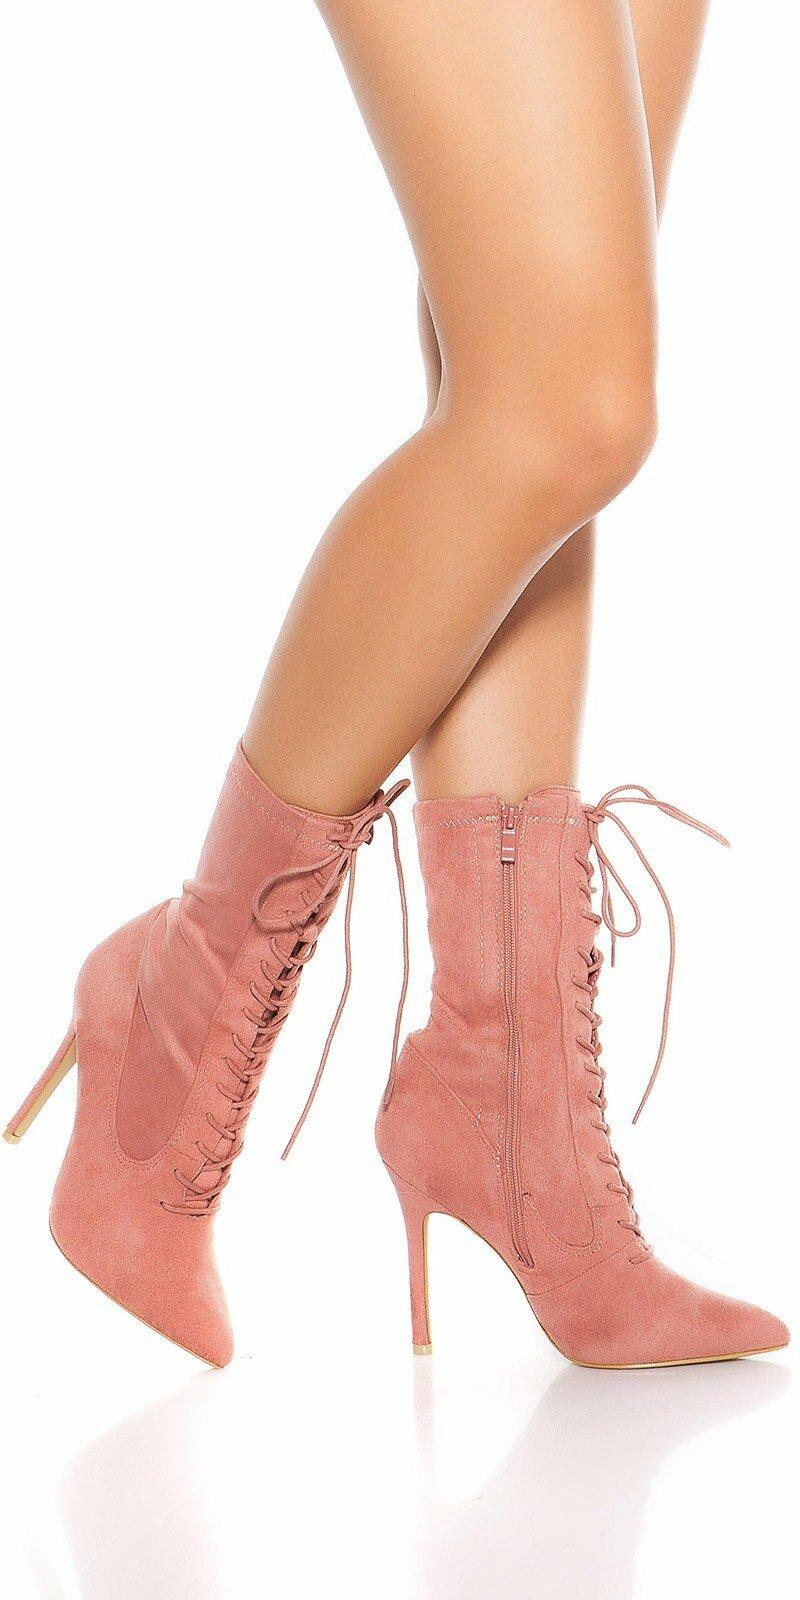 91951c5fd6 Šnurovacie členkové čižmy  Velkosť topánok 39 Farba Bledá ružová